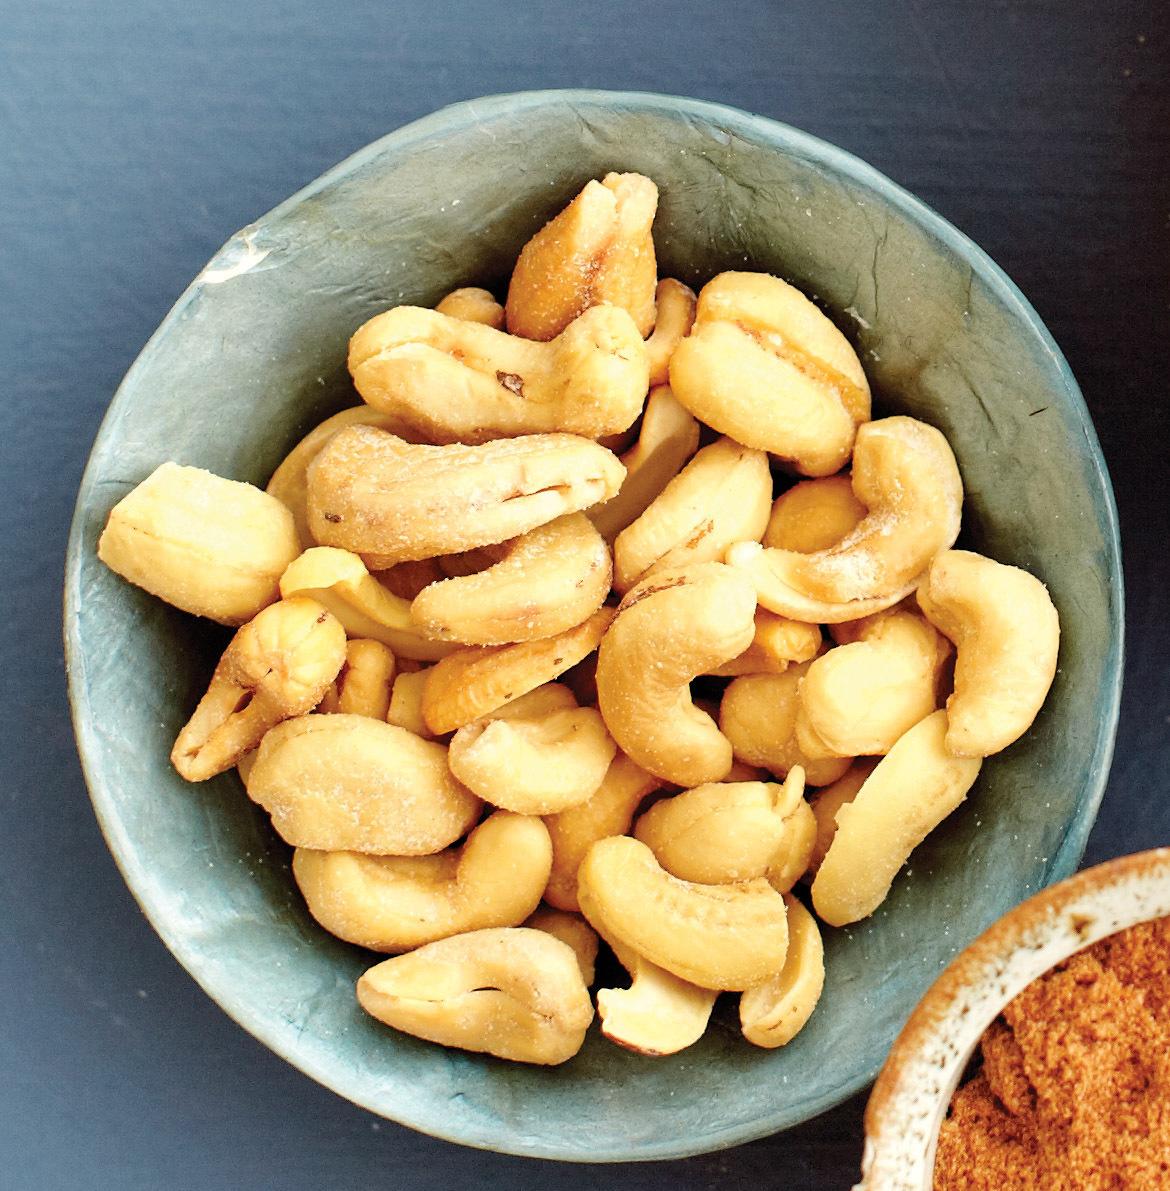 Bowl of roasted cashews